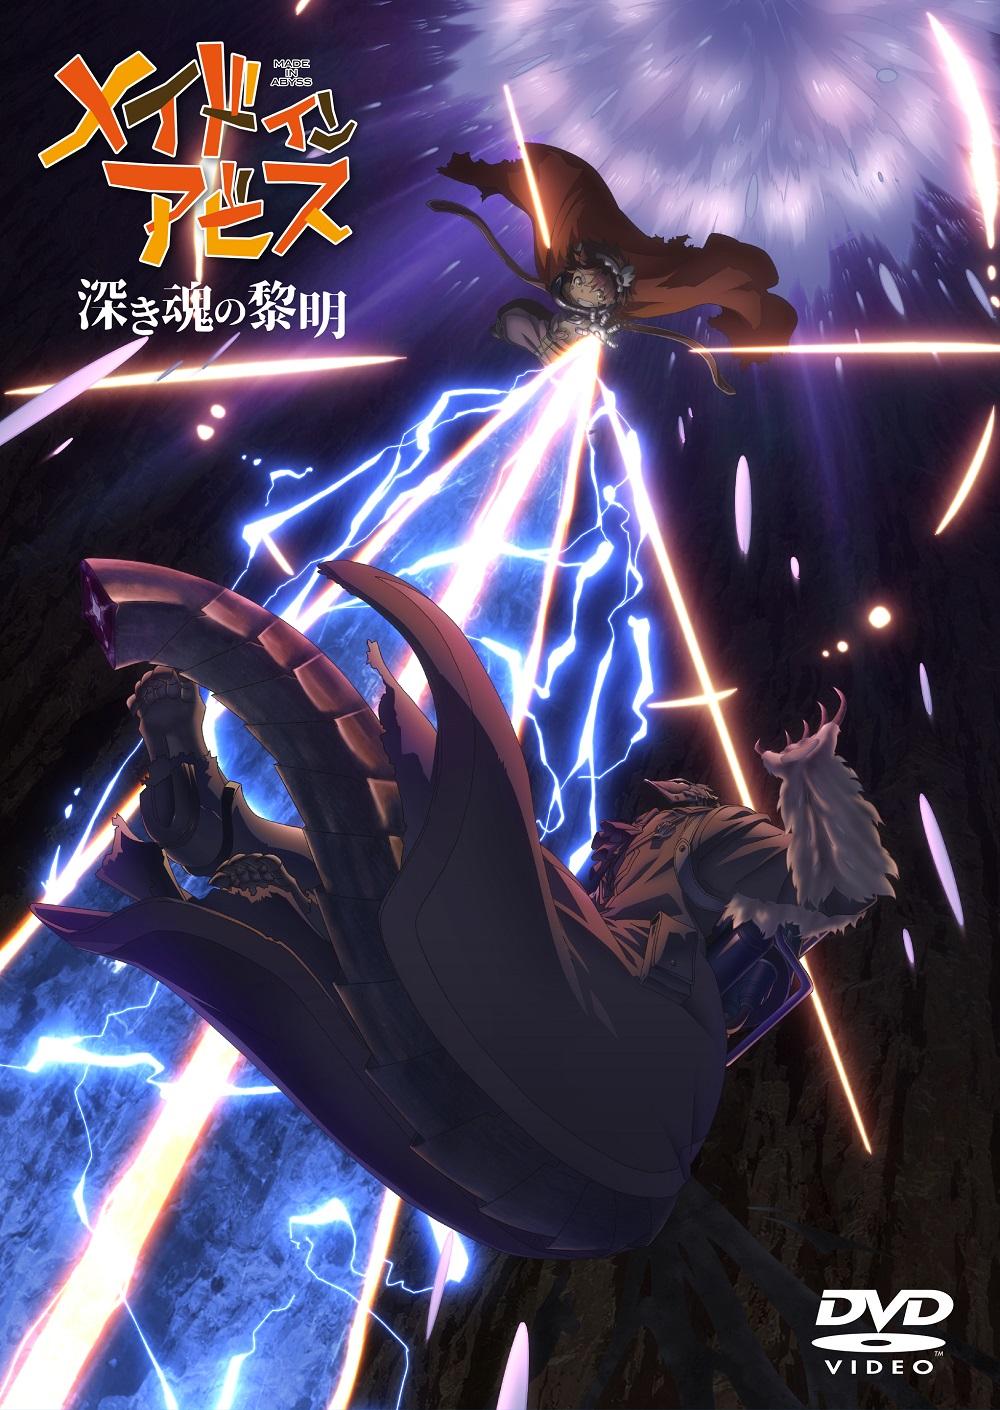 劇場版「メイドインアビス 深き魂の黎明」通常版【DVD】